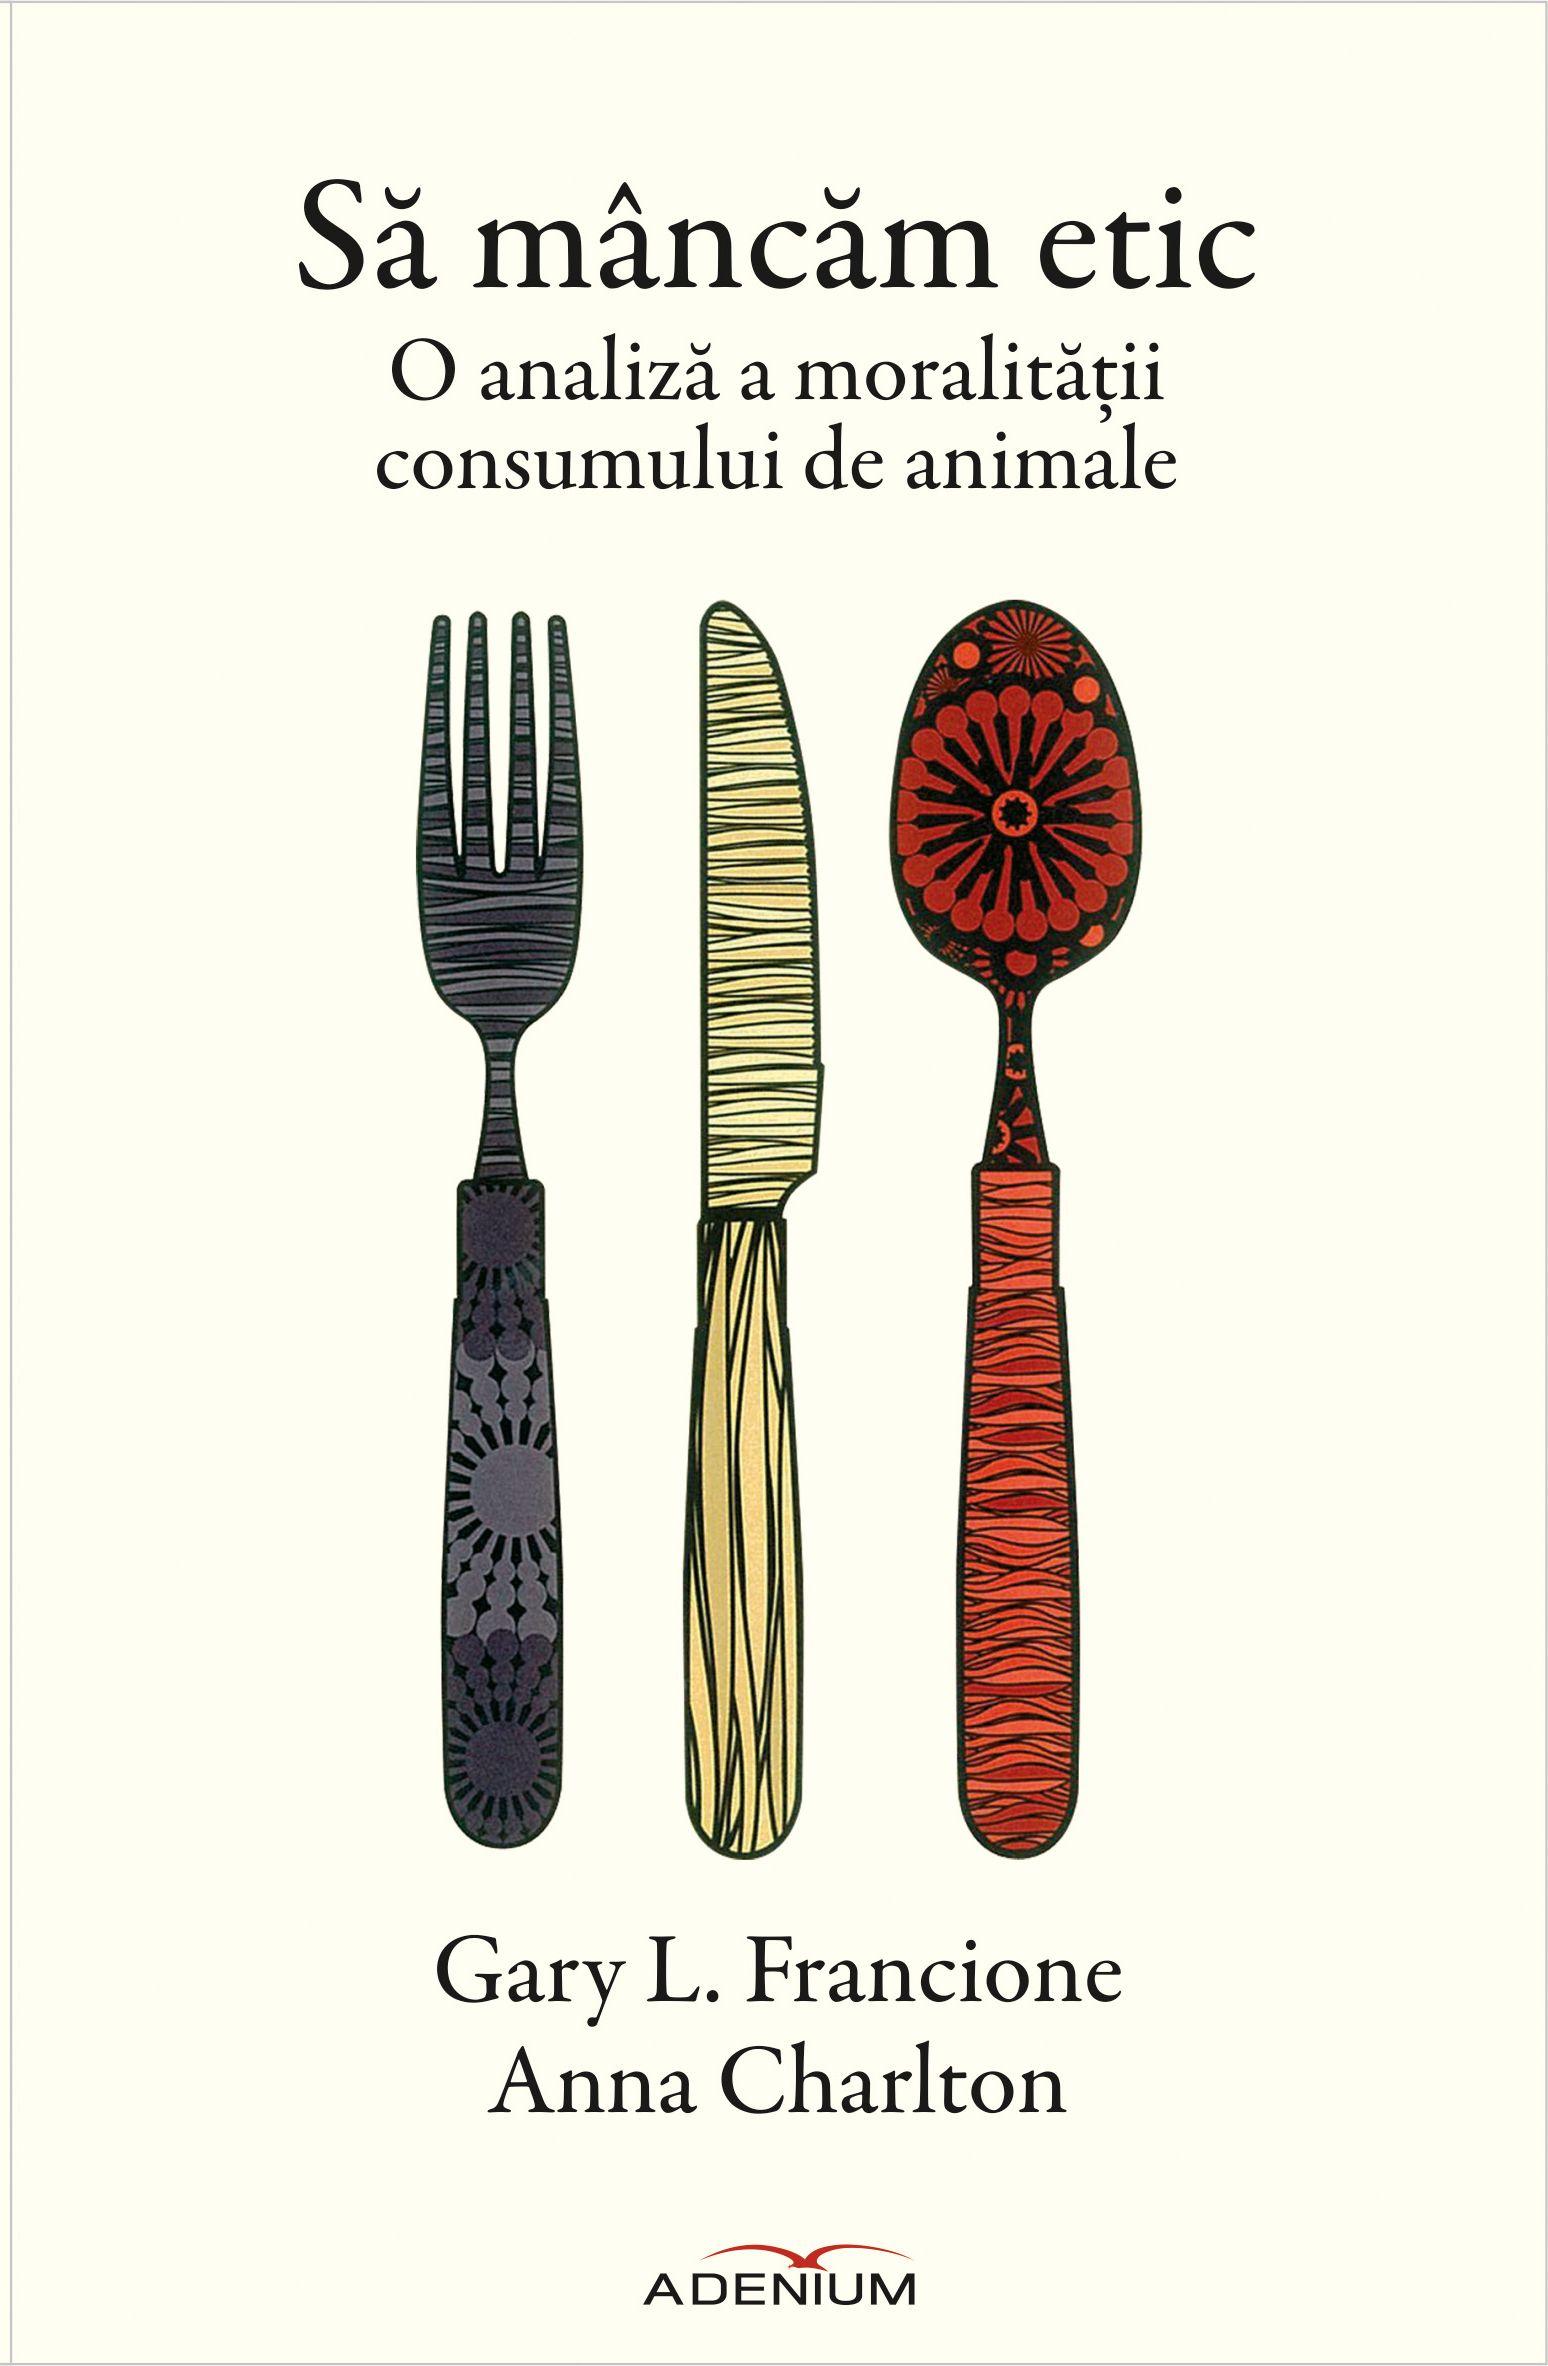 Să mâncăm etic: o analiză a moralităţii consumului de animale - de Gary L. Francione și Anna Charlton